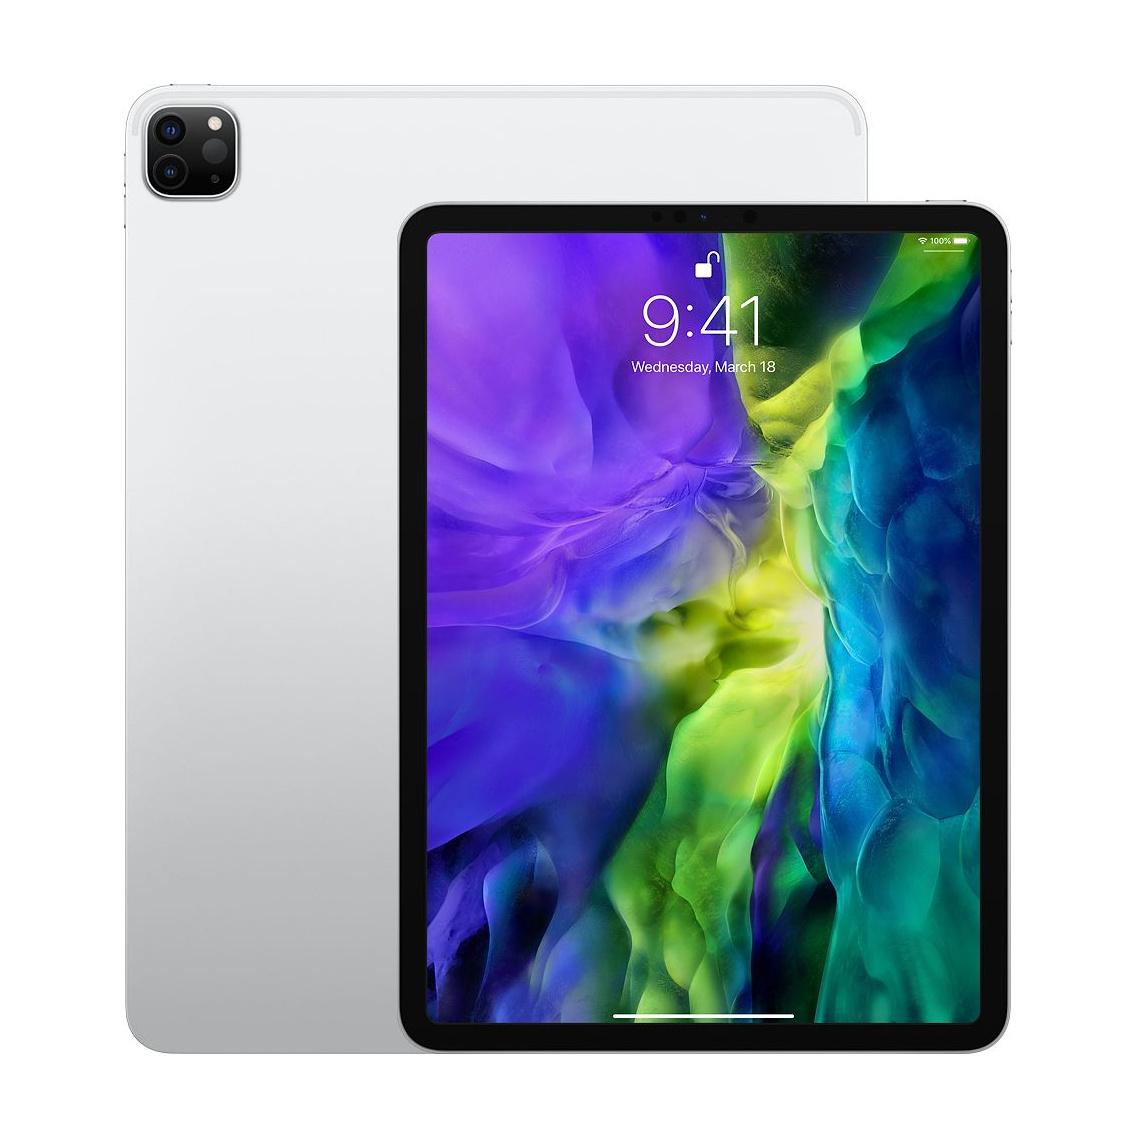 iPad Pro 4th Gen 12.9 inch (Wi-Fi, 512GB)